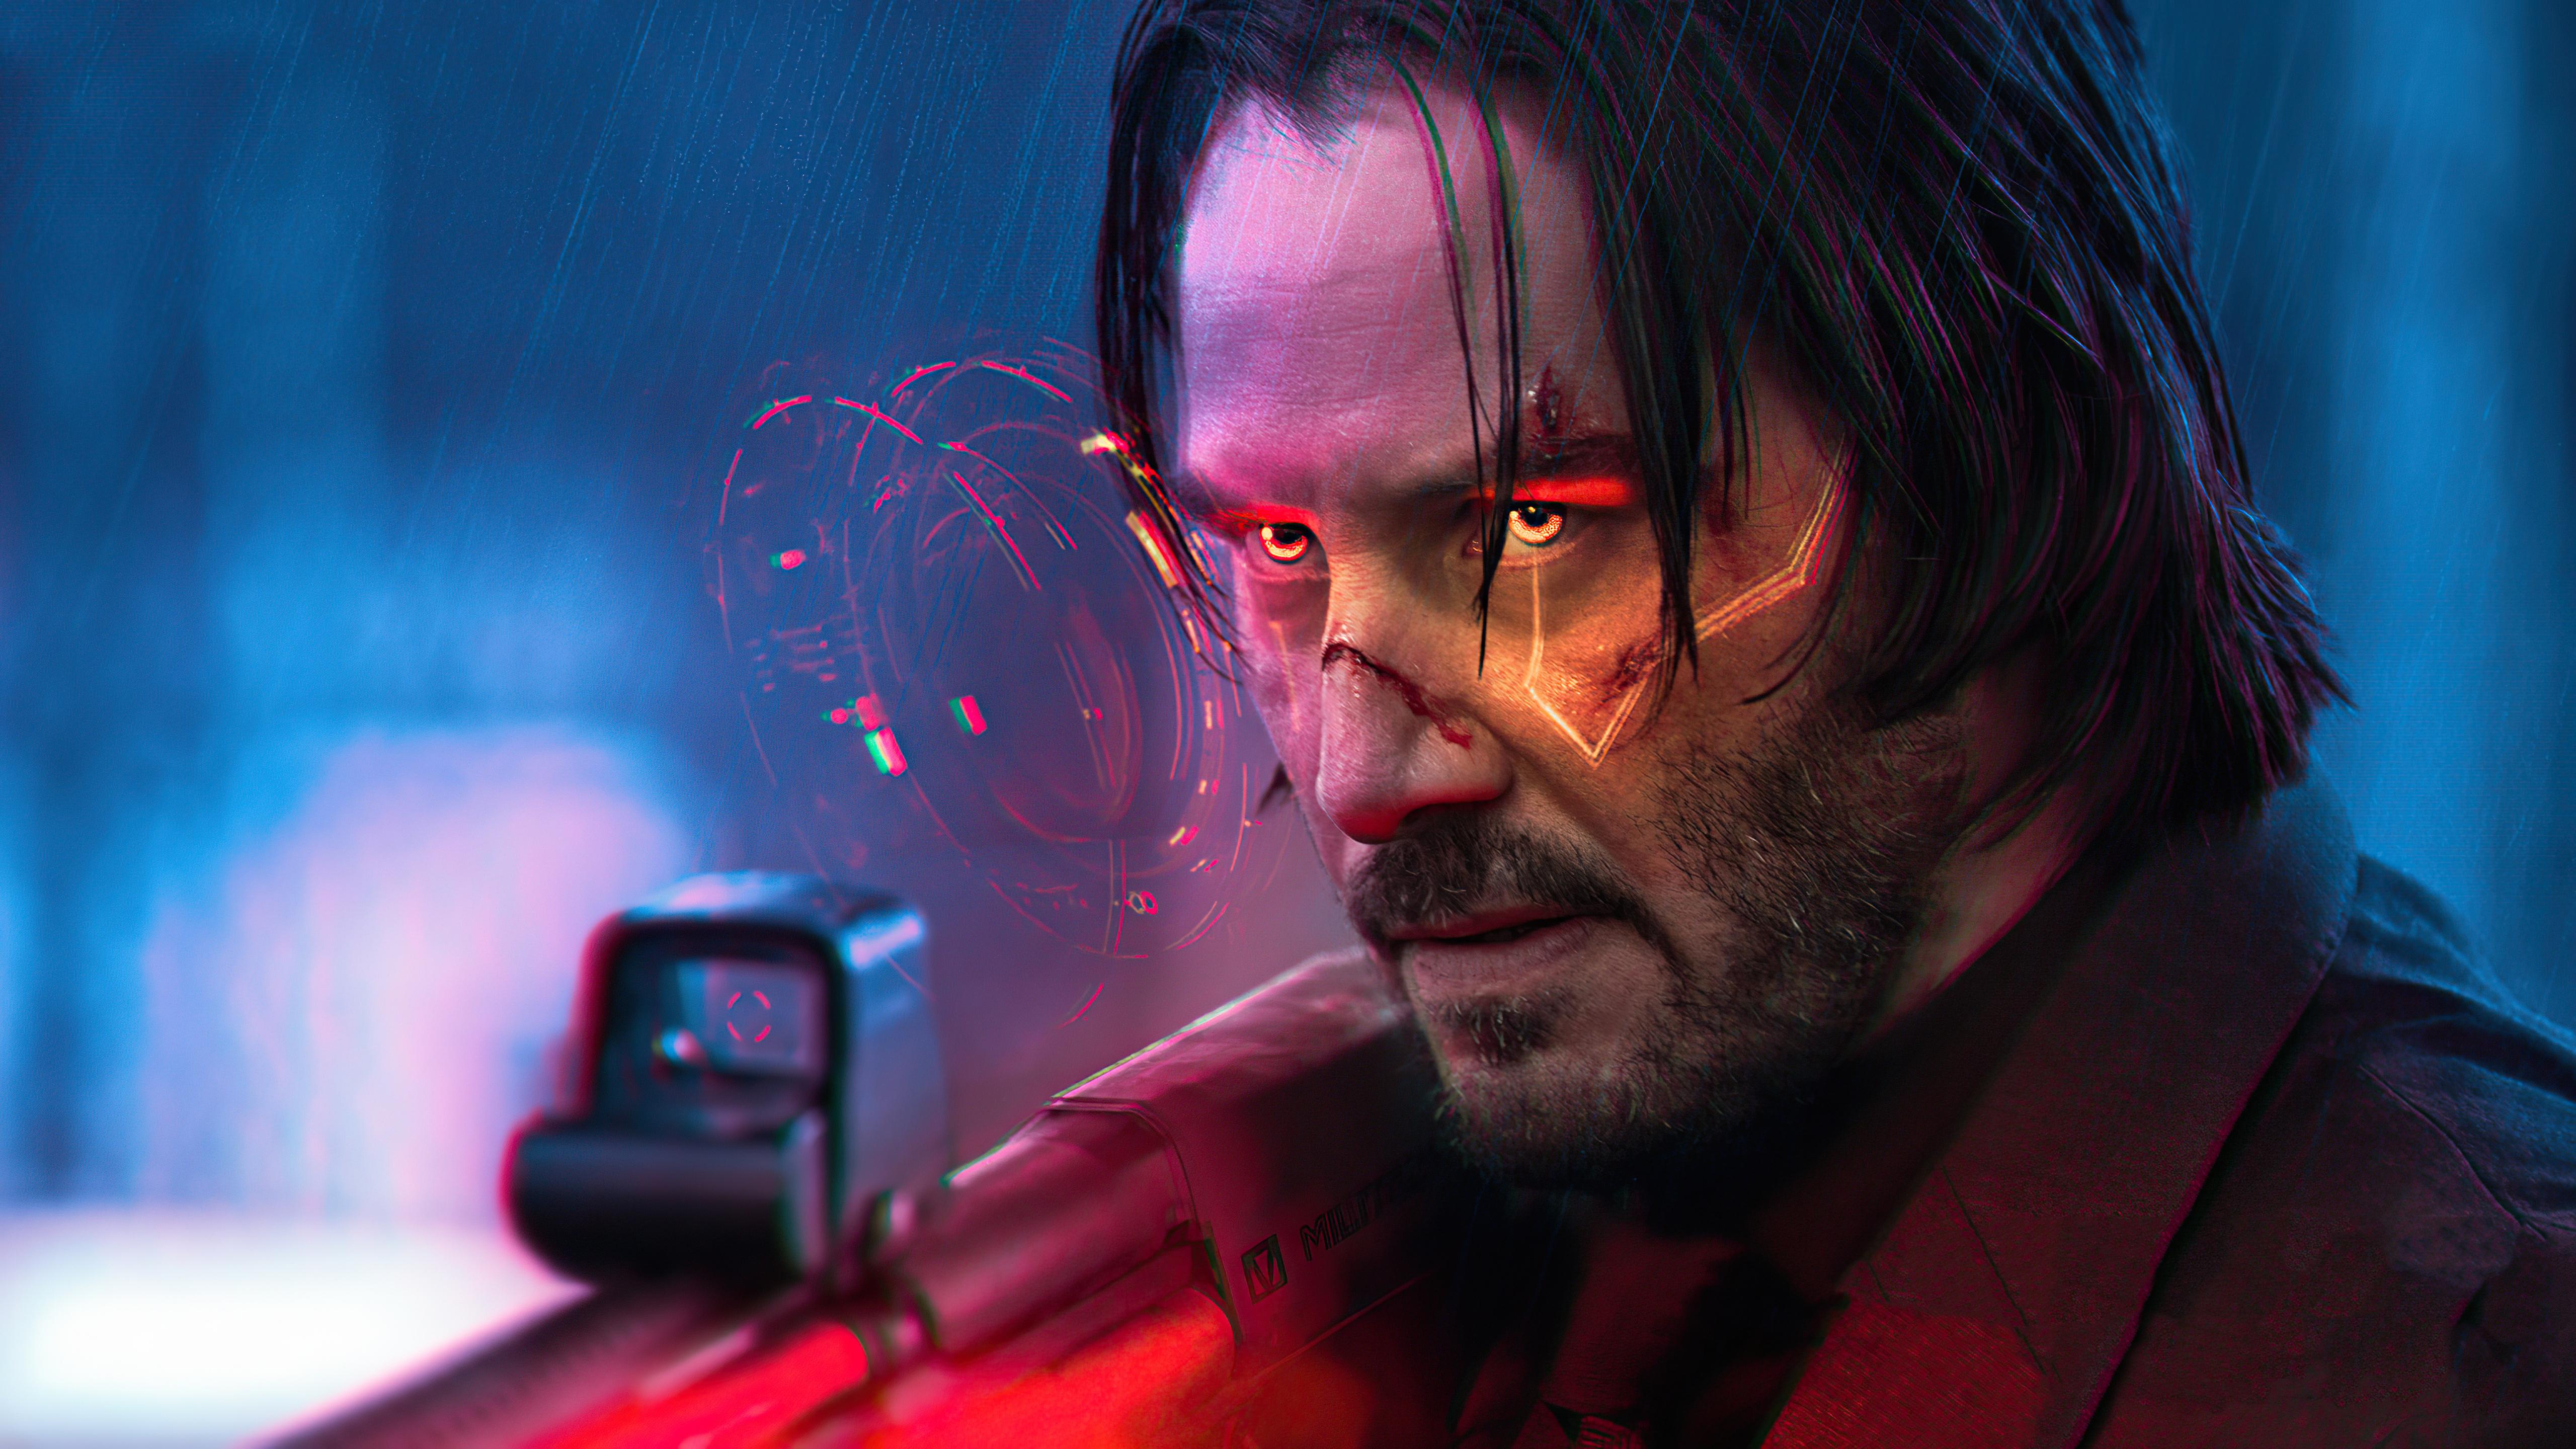 cyberpunk-2077-john-wick-5k-4s.jpg